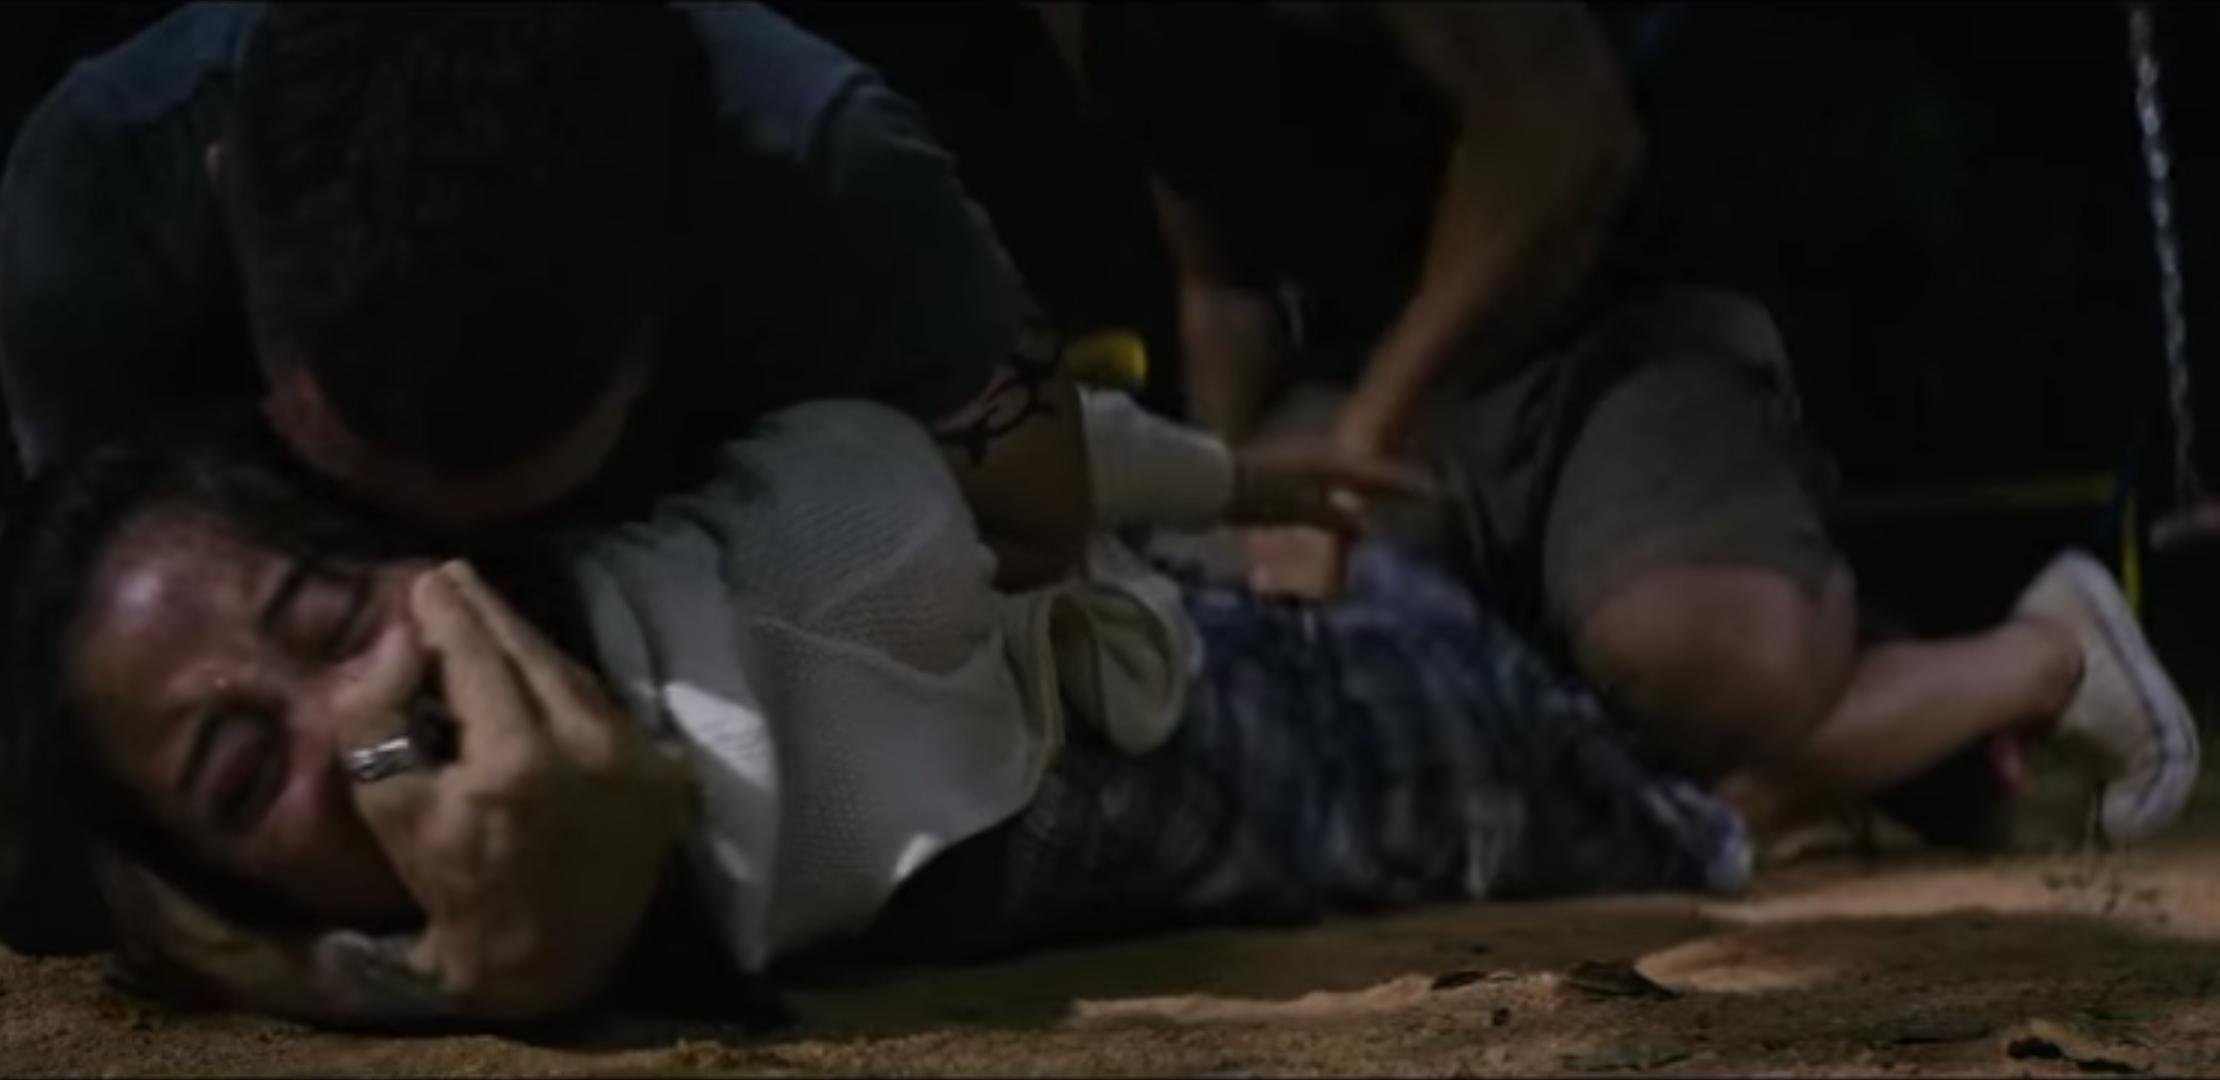 【画像・動画あり】アナルをアメリカ人にレイプされた女学生の末路・・・・3枚目